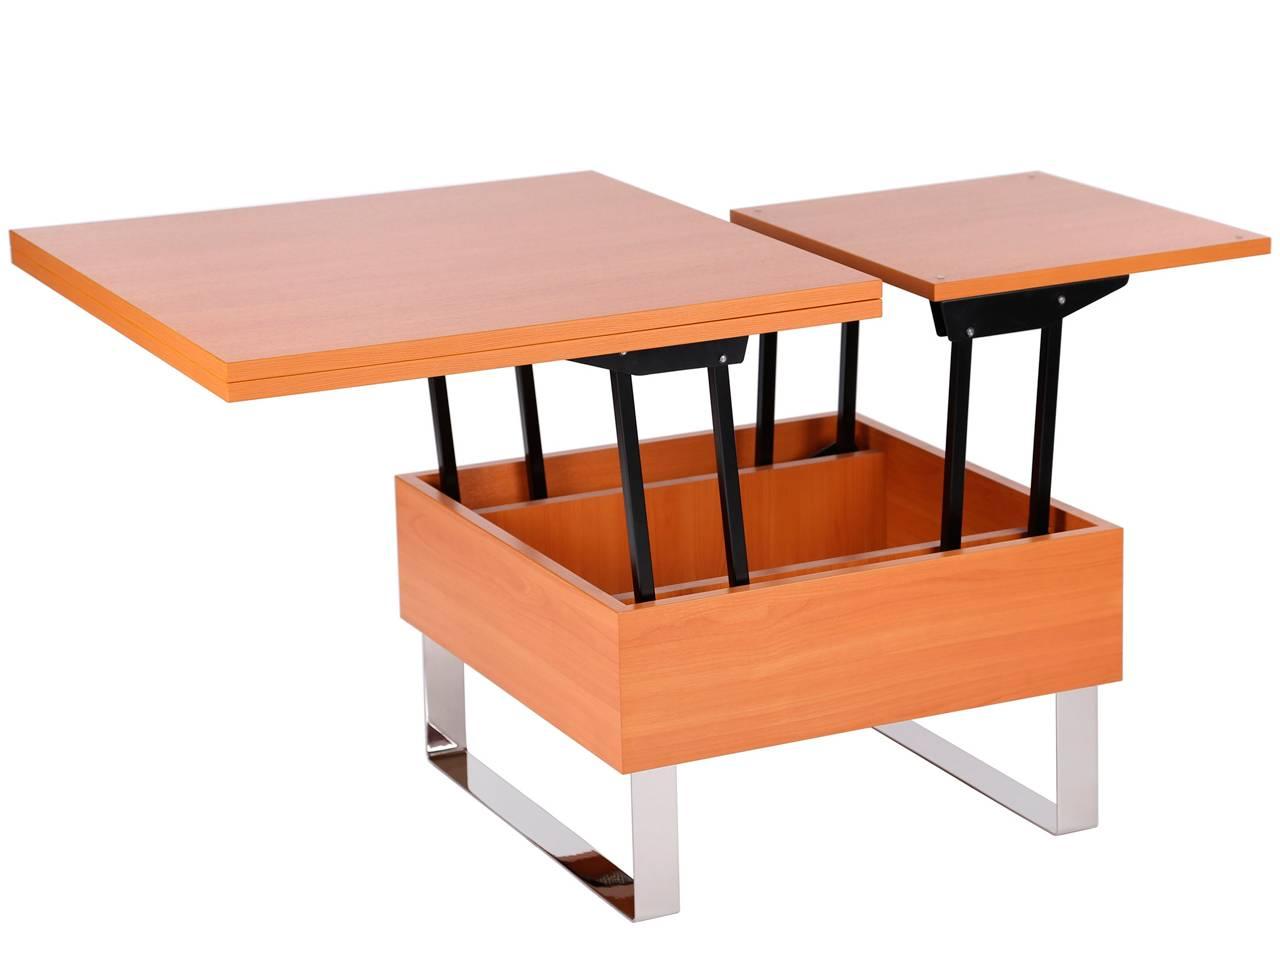 Стол-трансформер - 100 фото лучших моделей современных столов